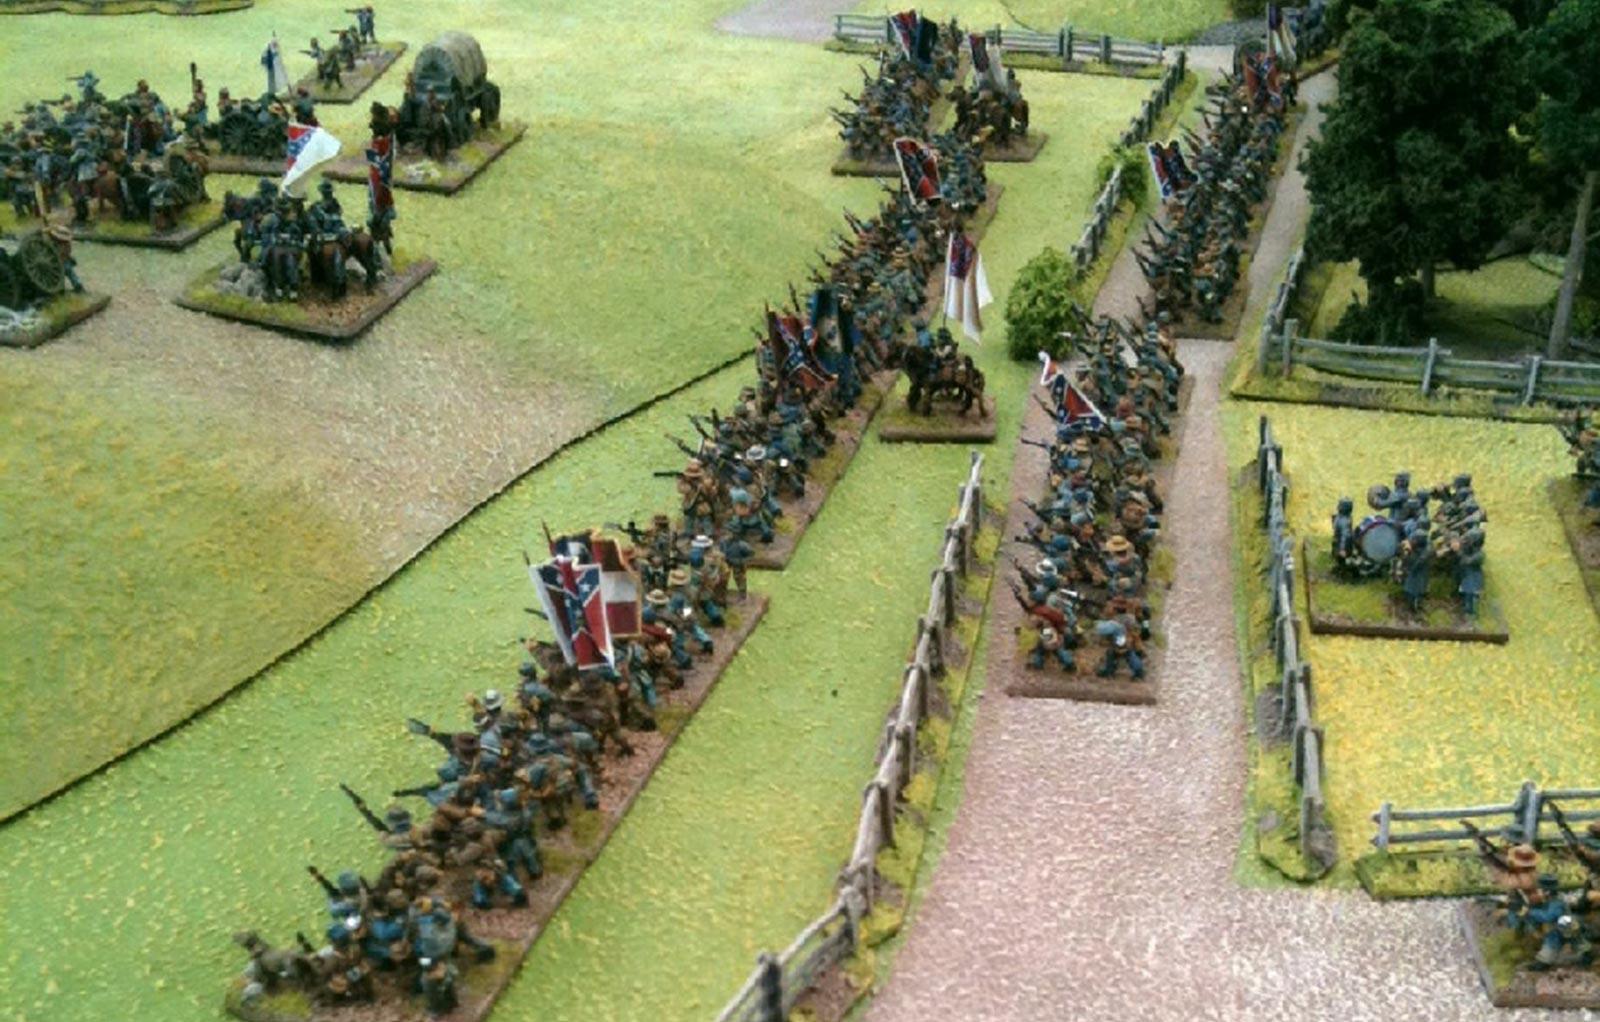 Jeux d'histoire avec figurines